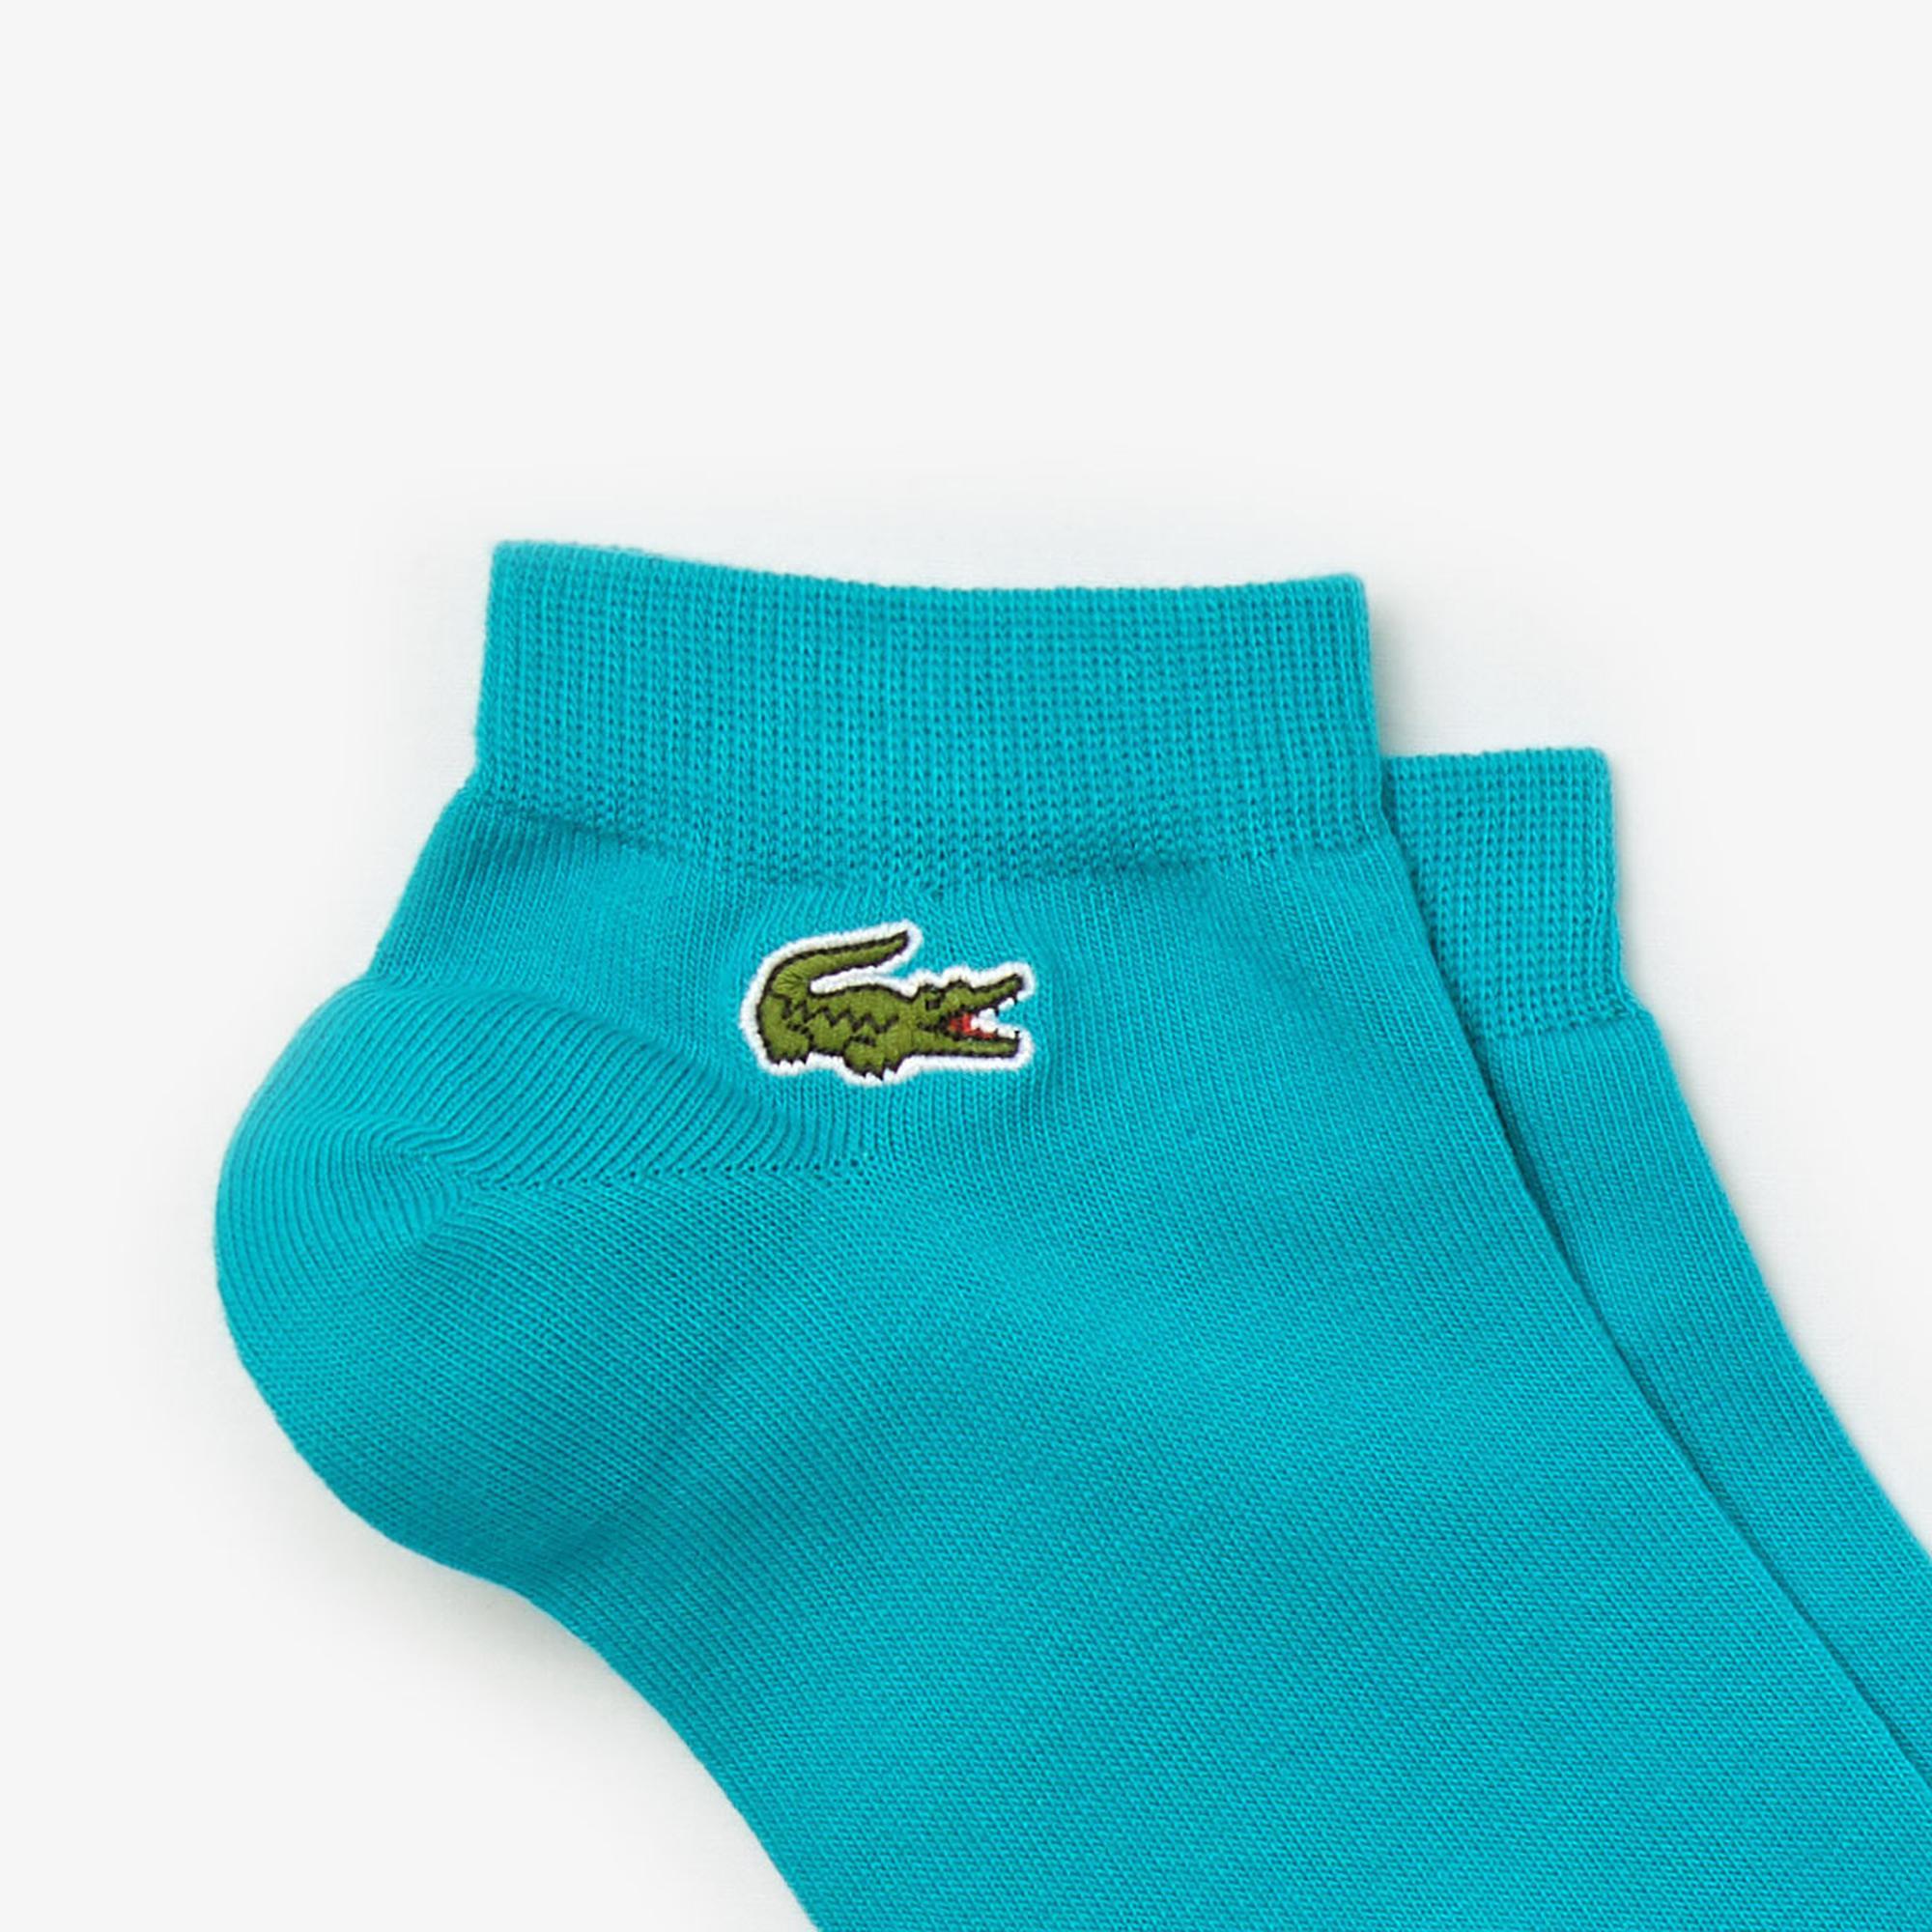 Lacoste Sport Unisex Renkli 3'lü Çorap